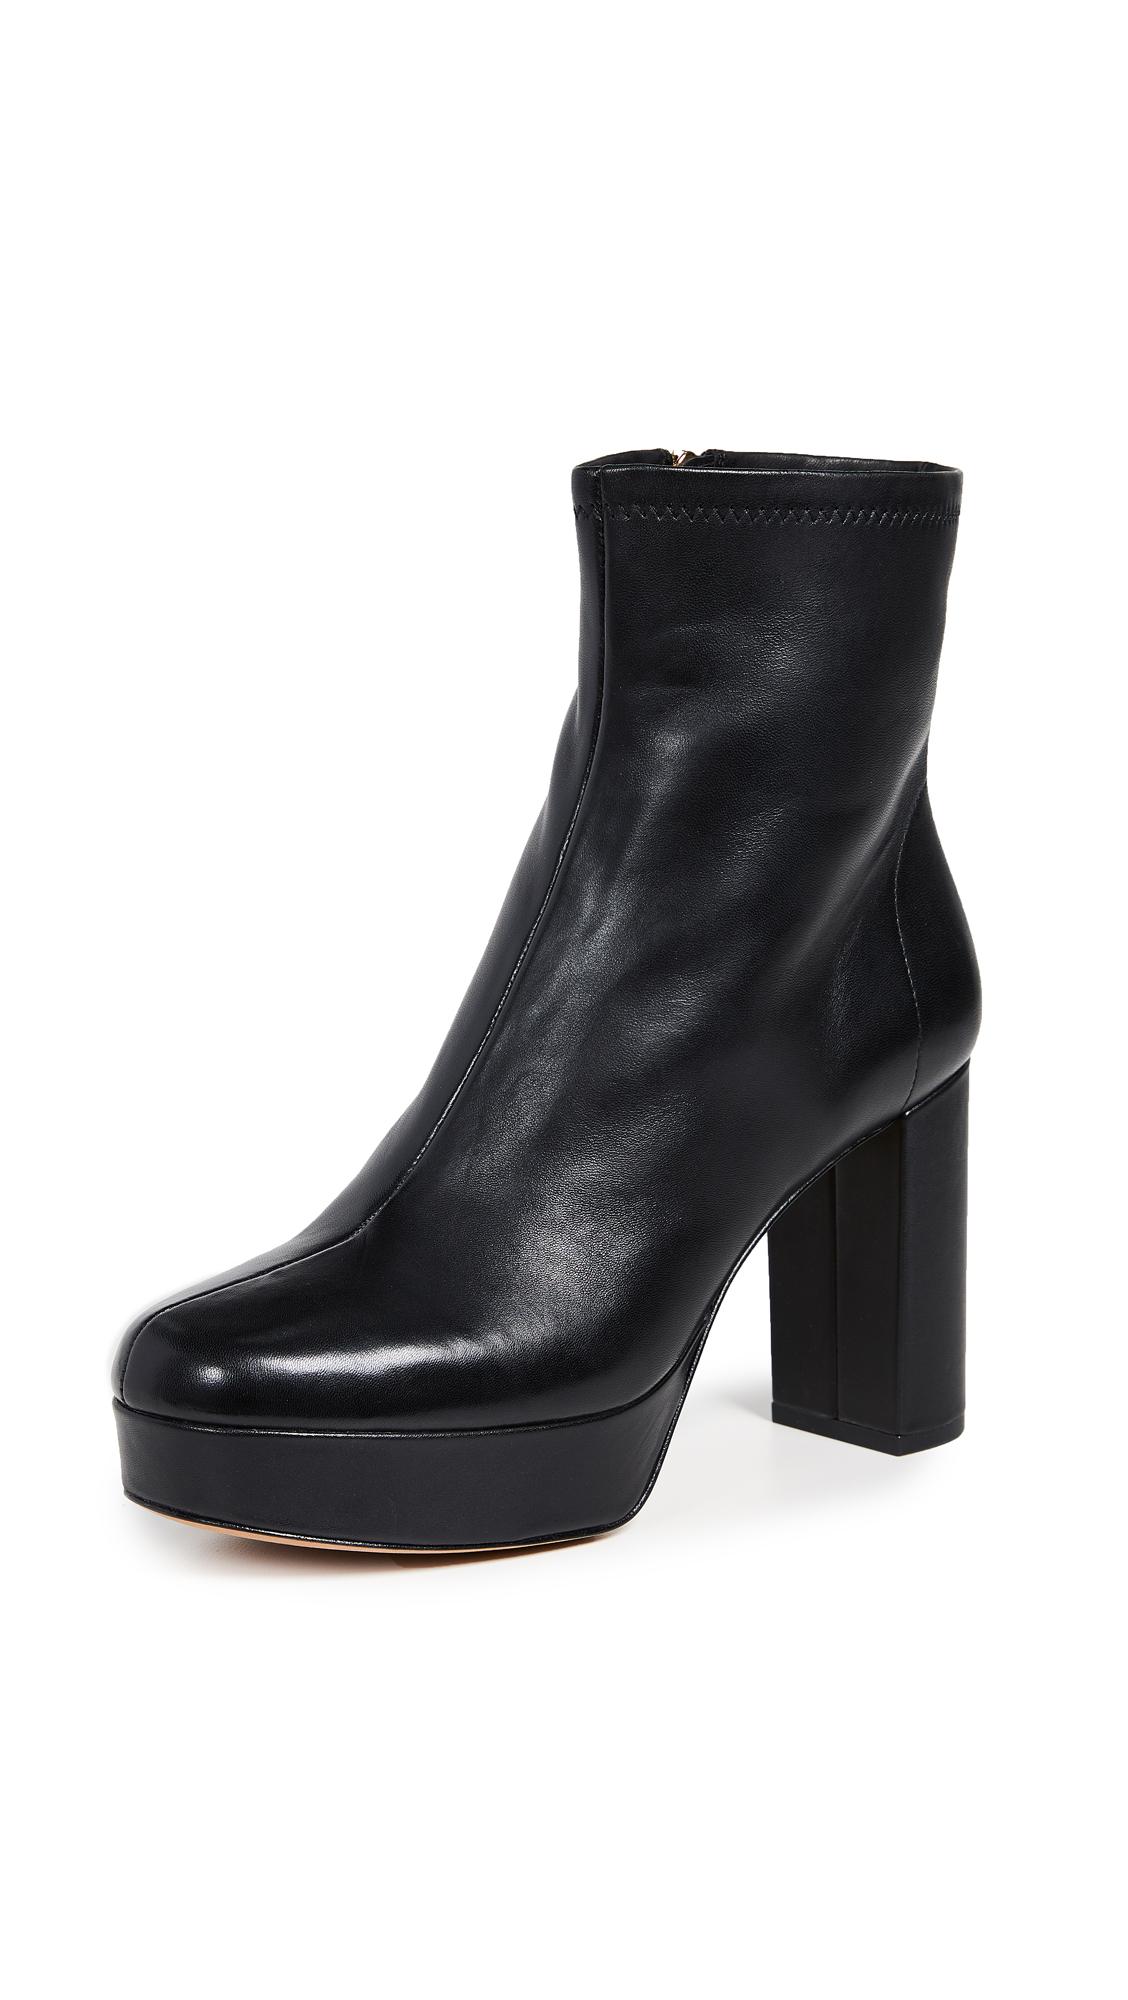 Diane von Furstenberg Yasmine Platform Boots - Black